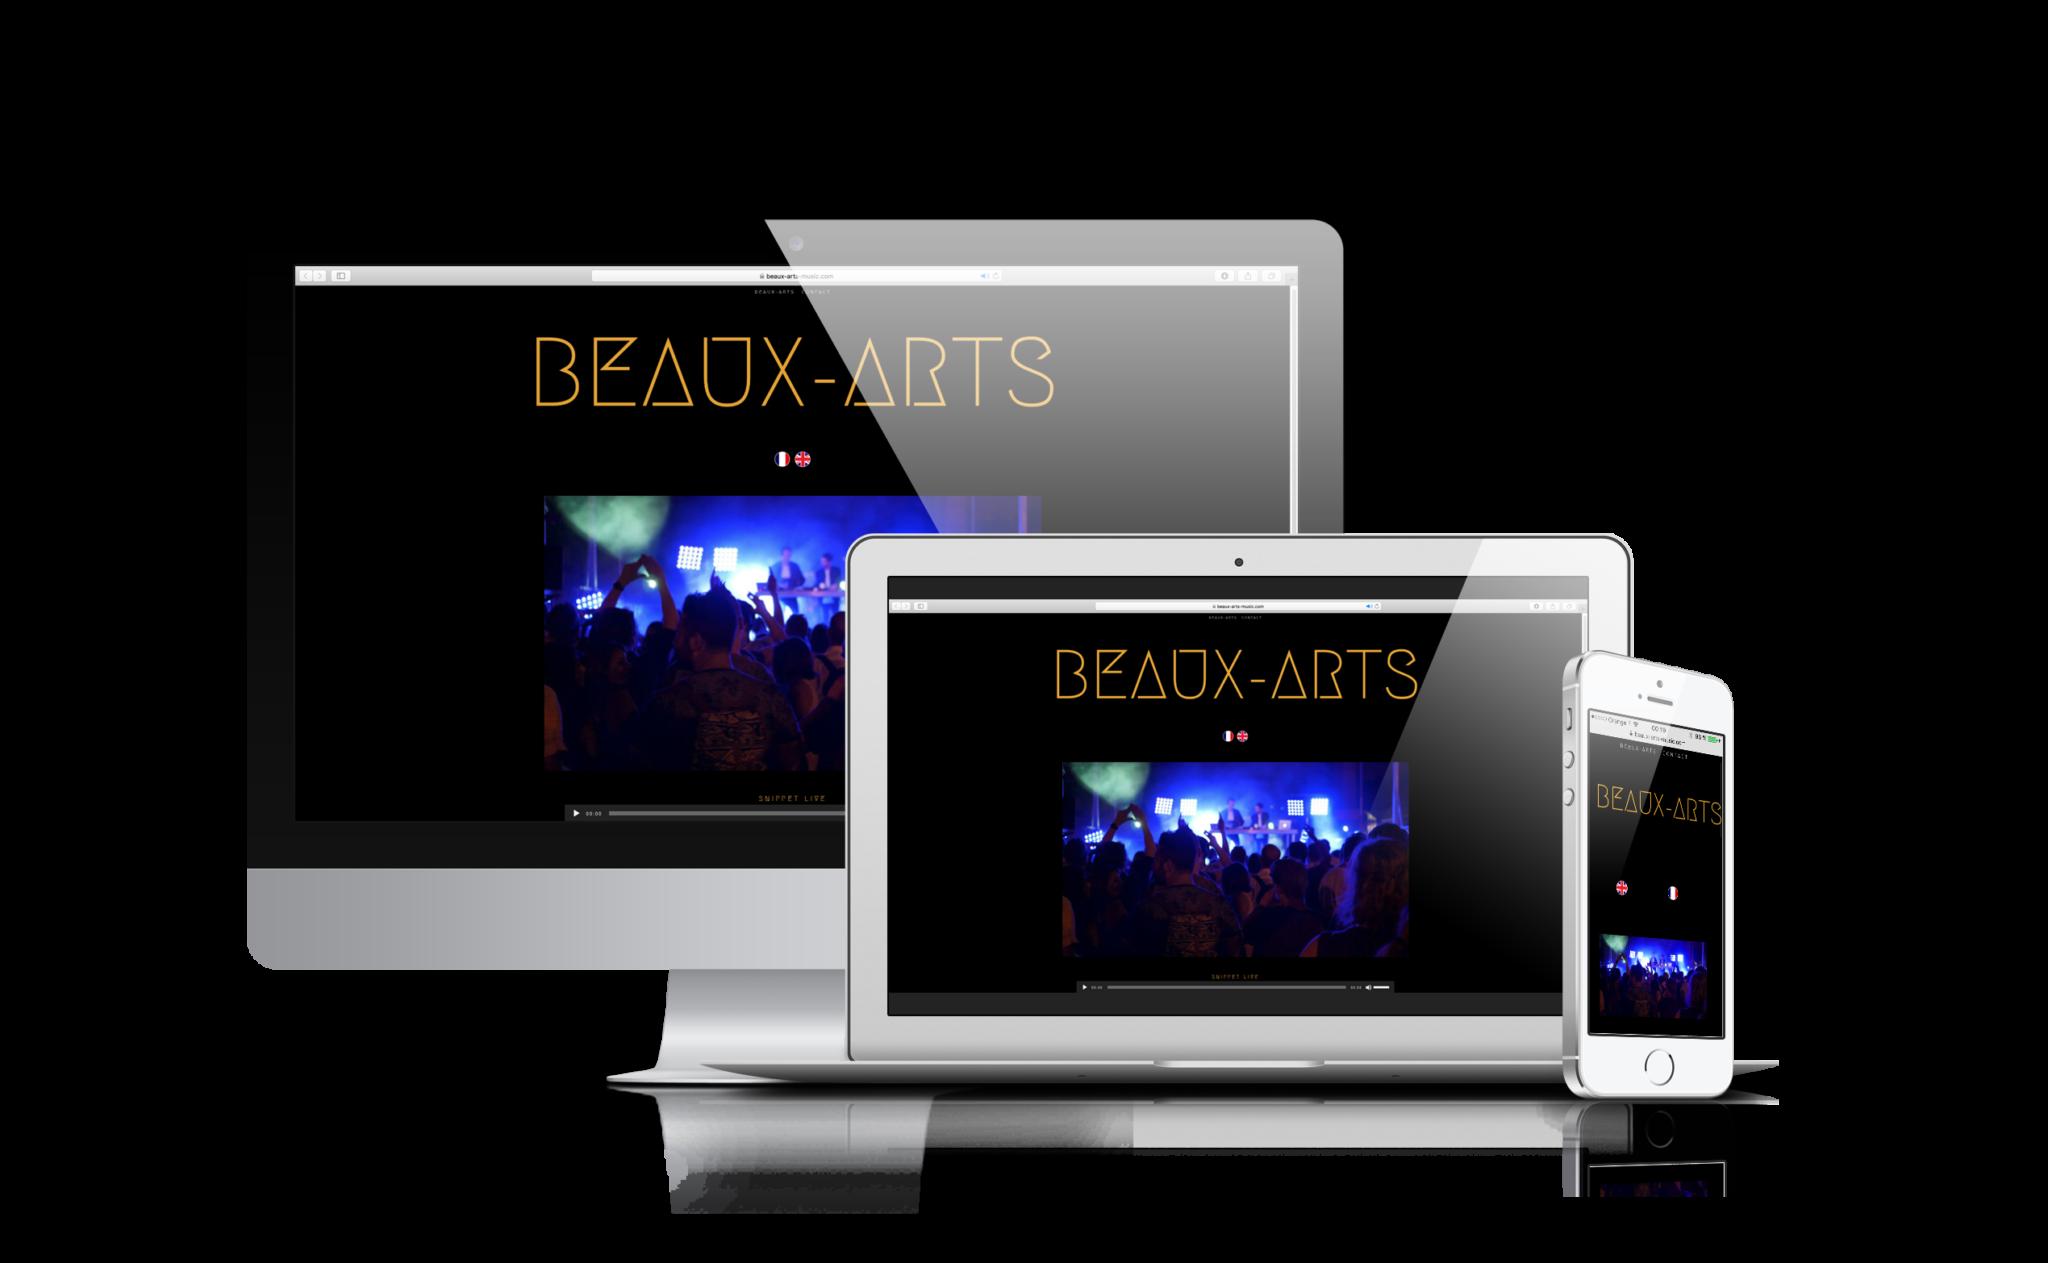 BEAUX-ARTS-ECRANS-MAC-